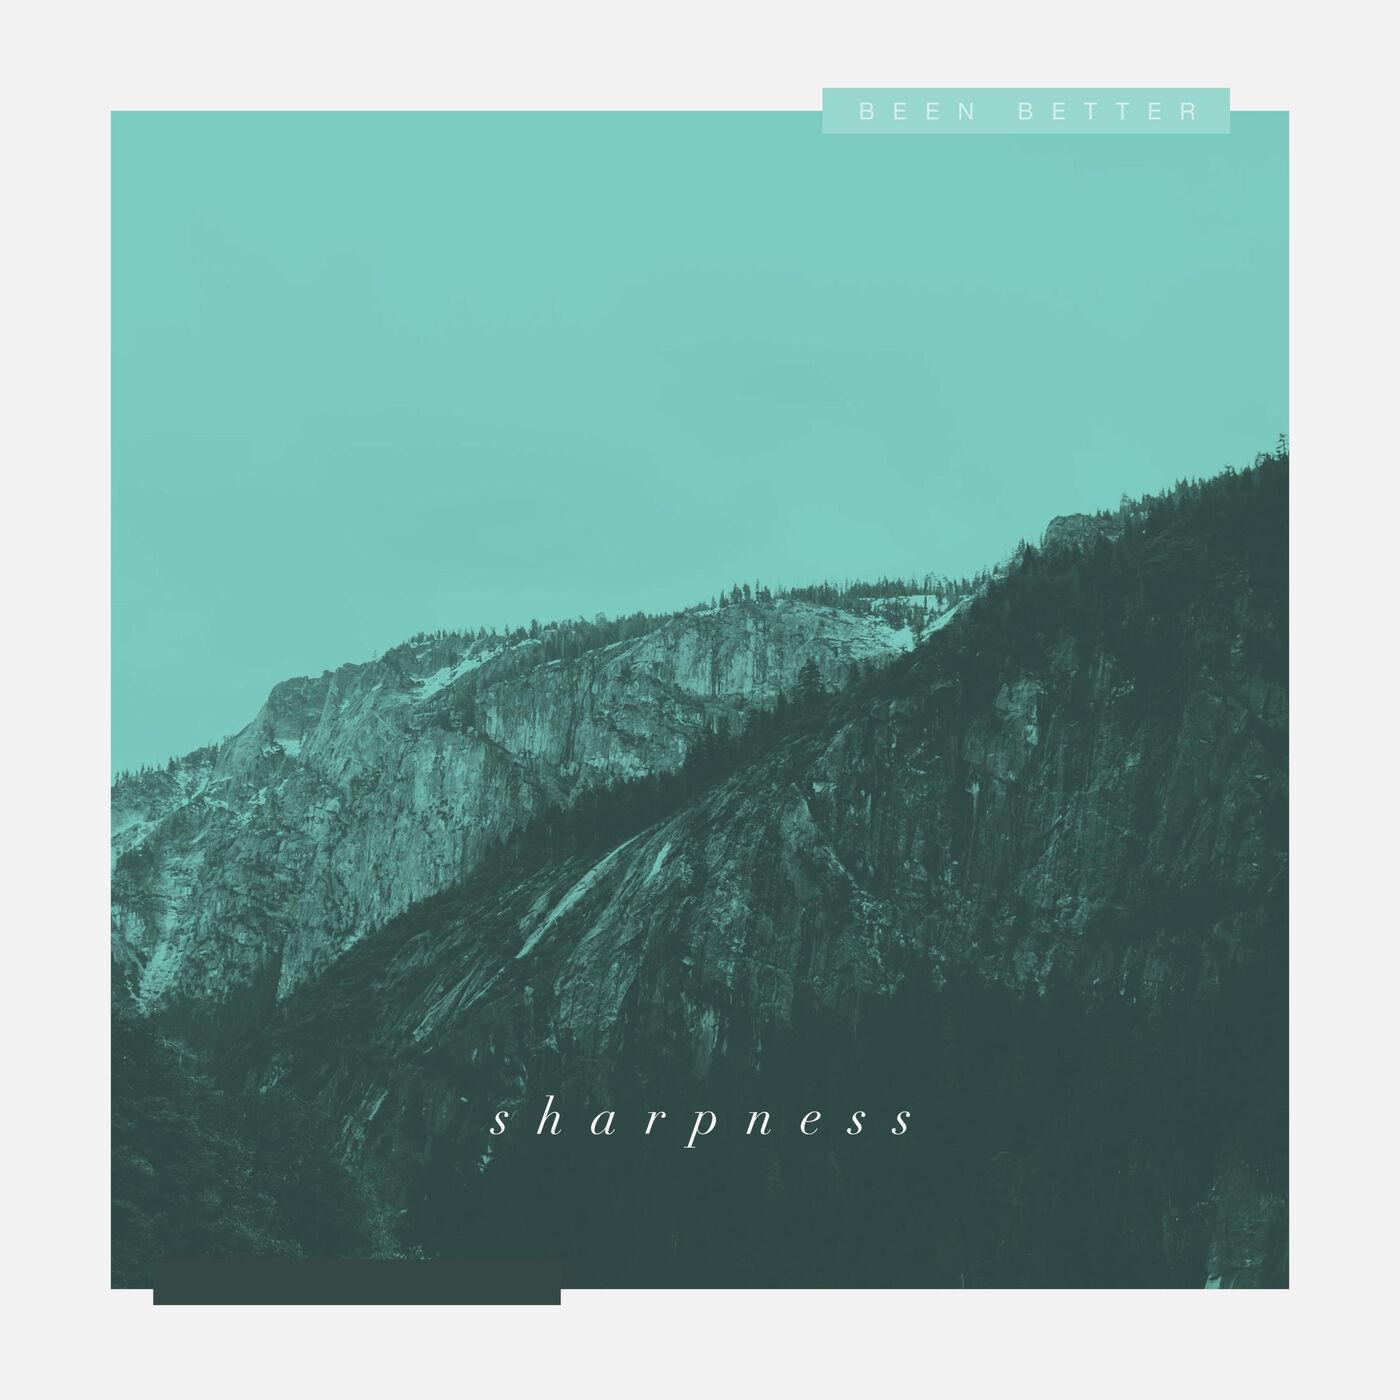 Been Better - Sharpness [single] (2020)